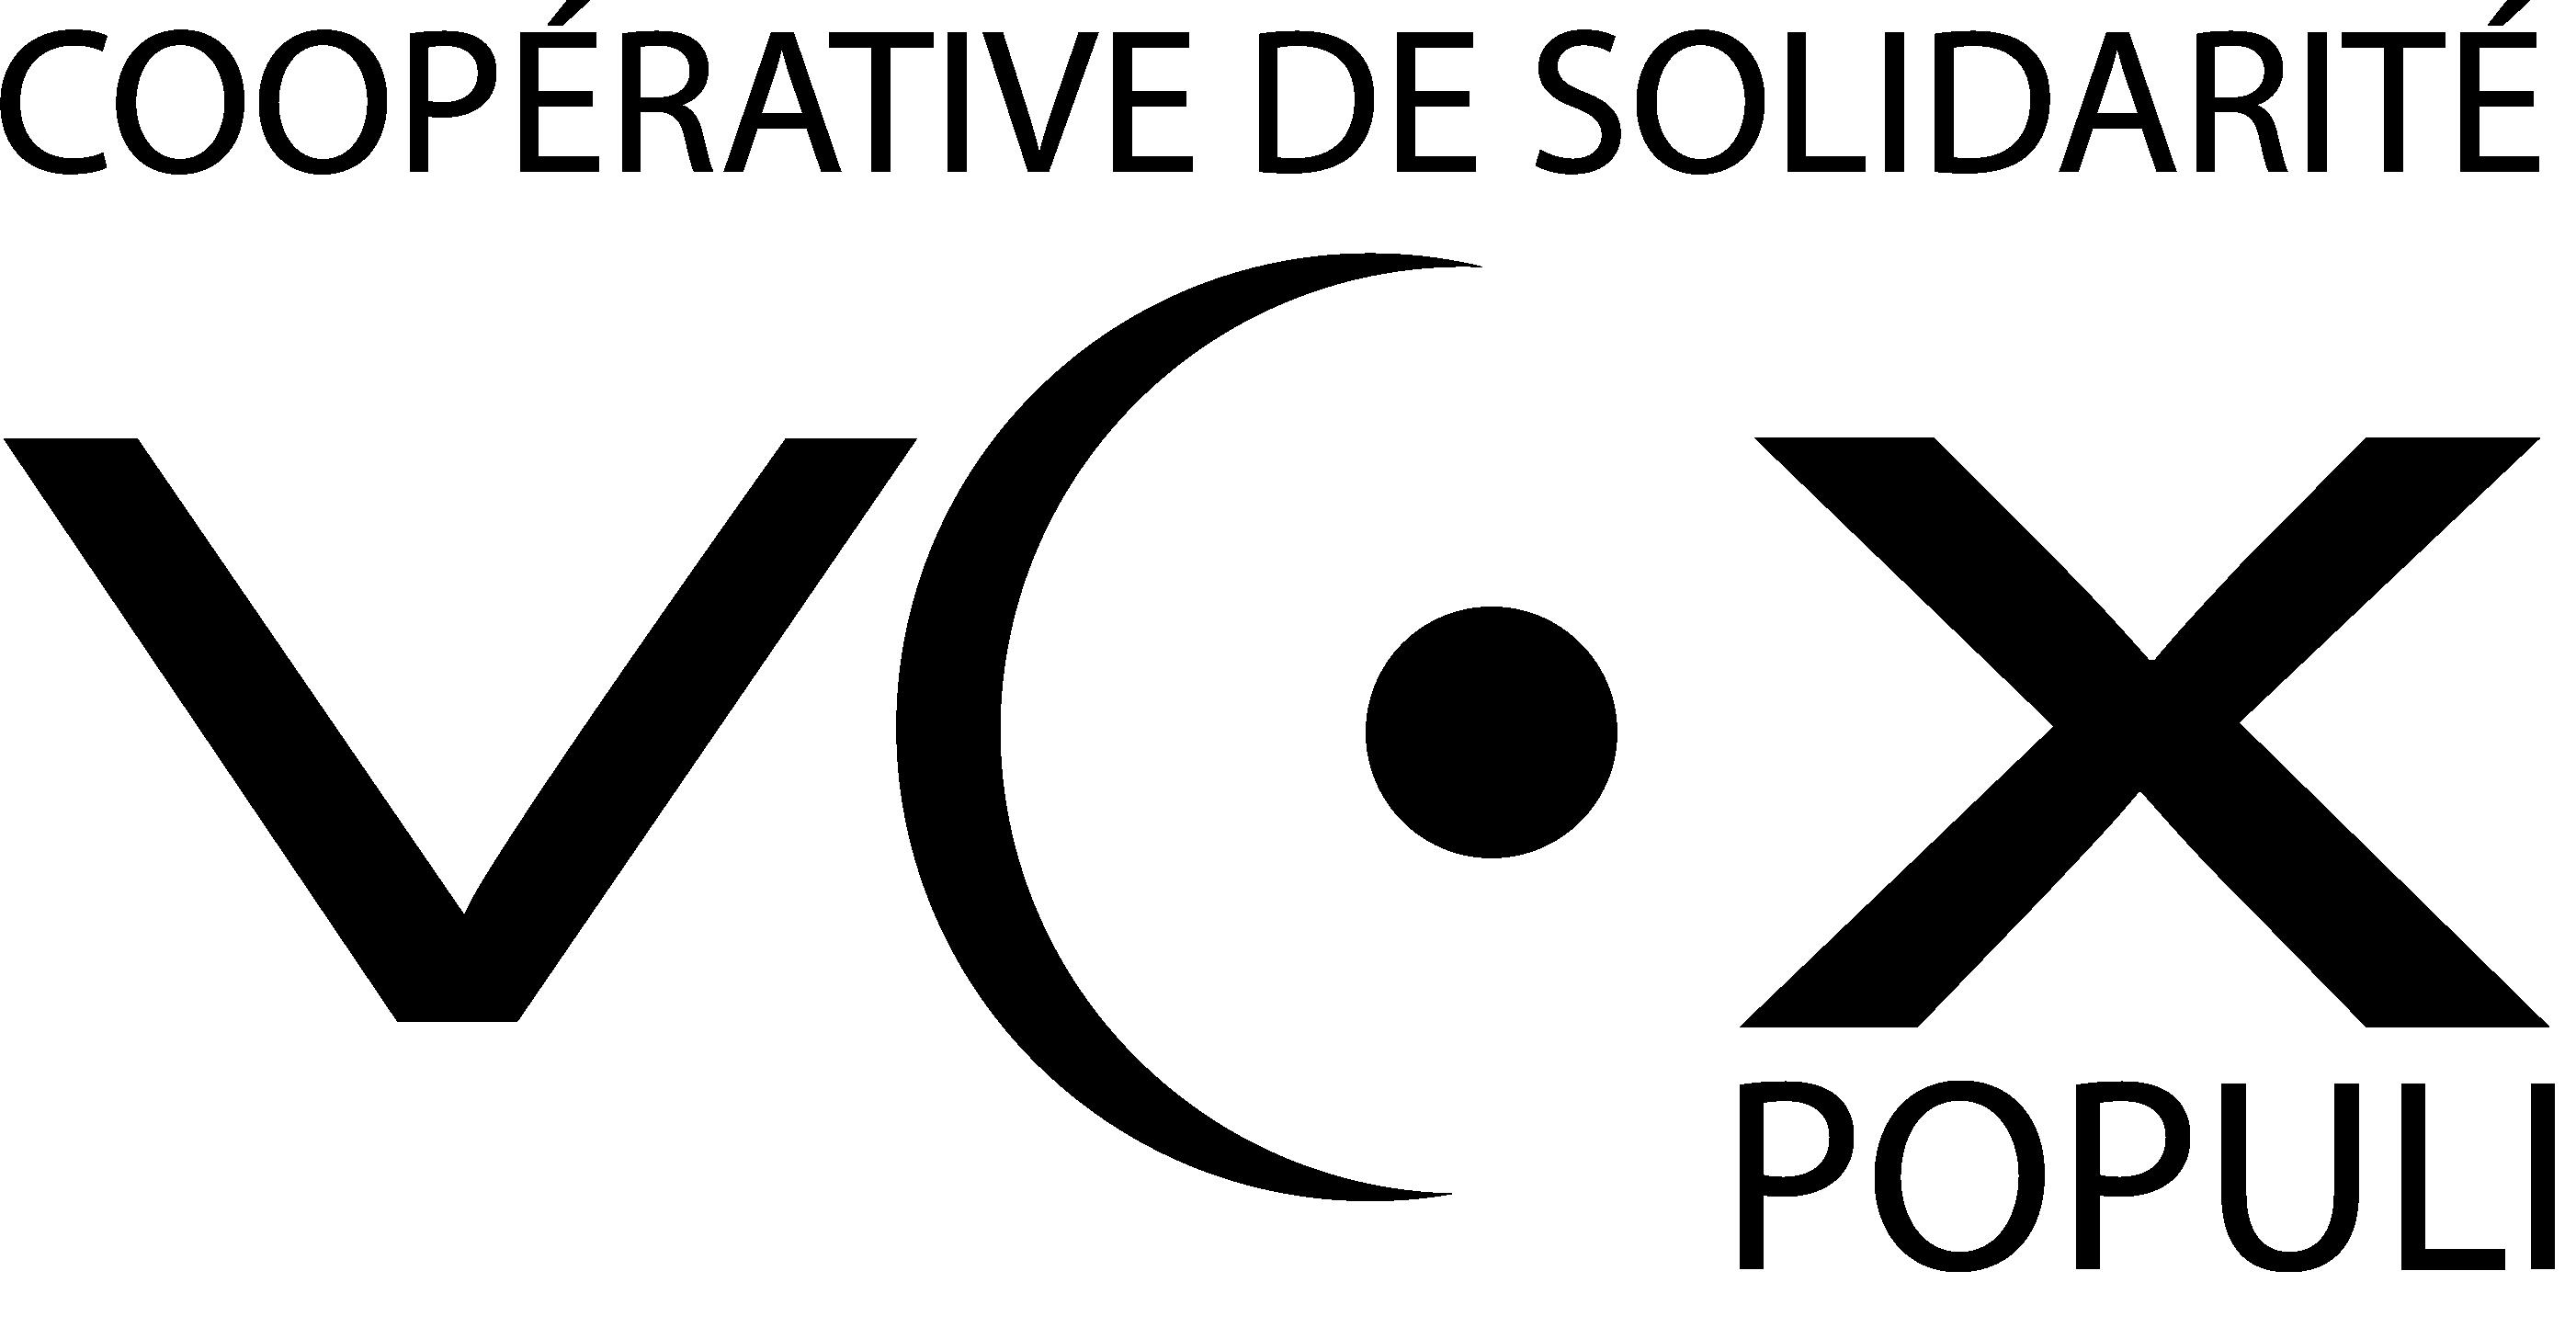 logo de Coopérative de solidarité Vox Populi